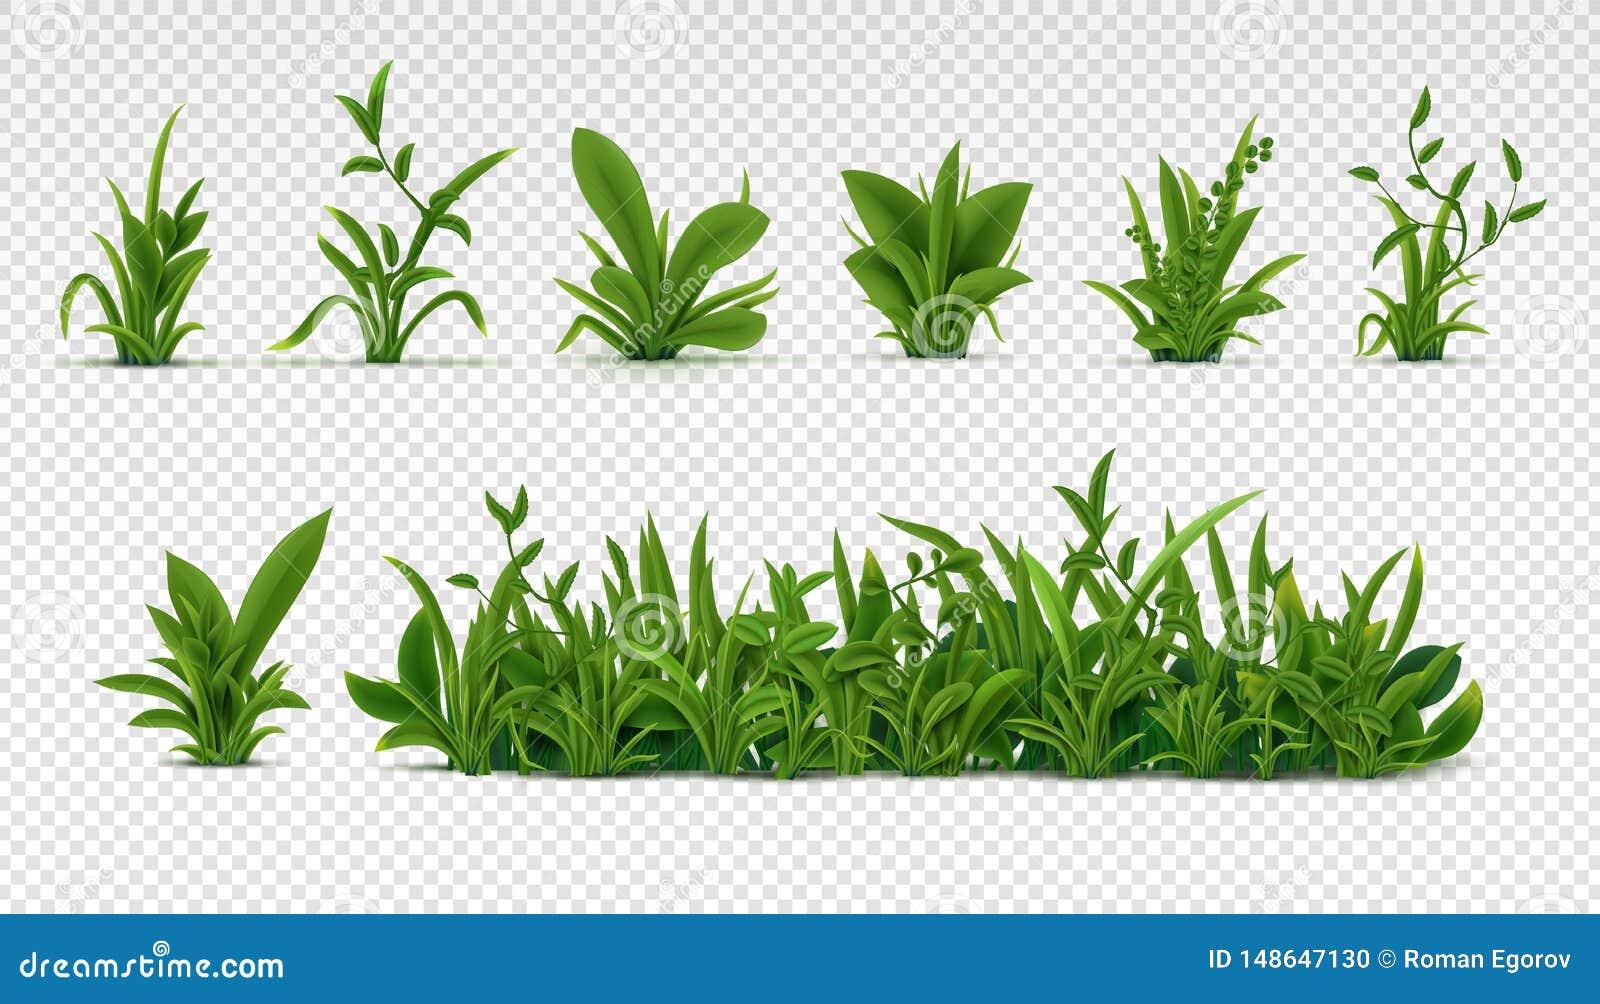 Realistisch groen gras 3D verse de lenteinstallaties, verschillende kruiden en struiken voor affiches en reclame Beeldverhaal pol